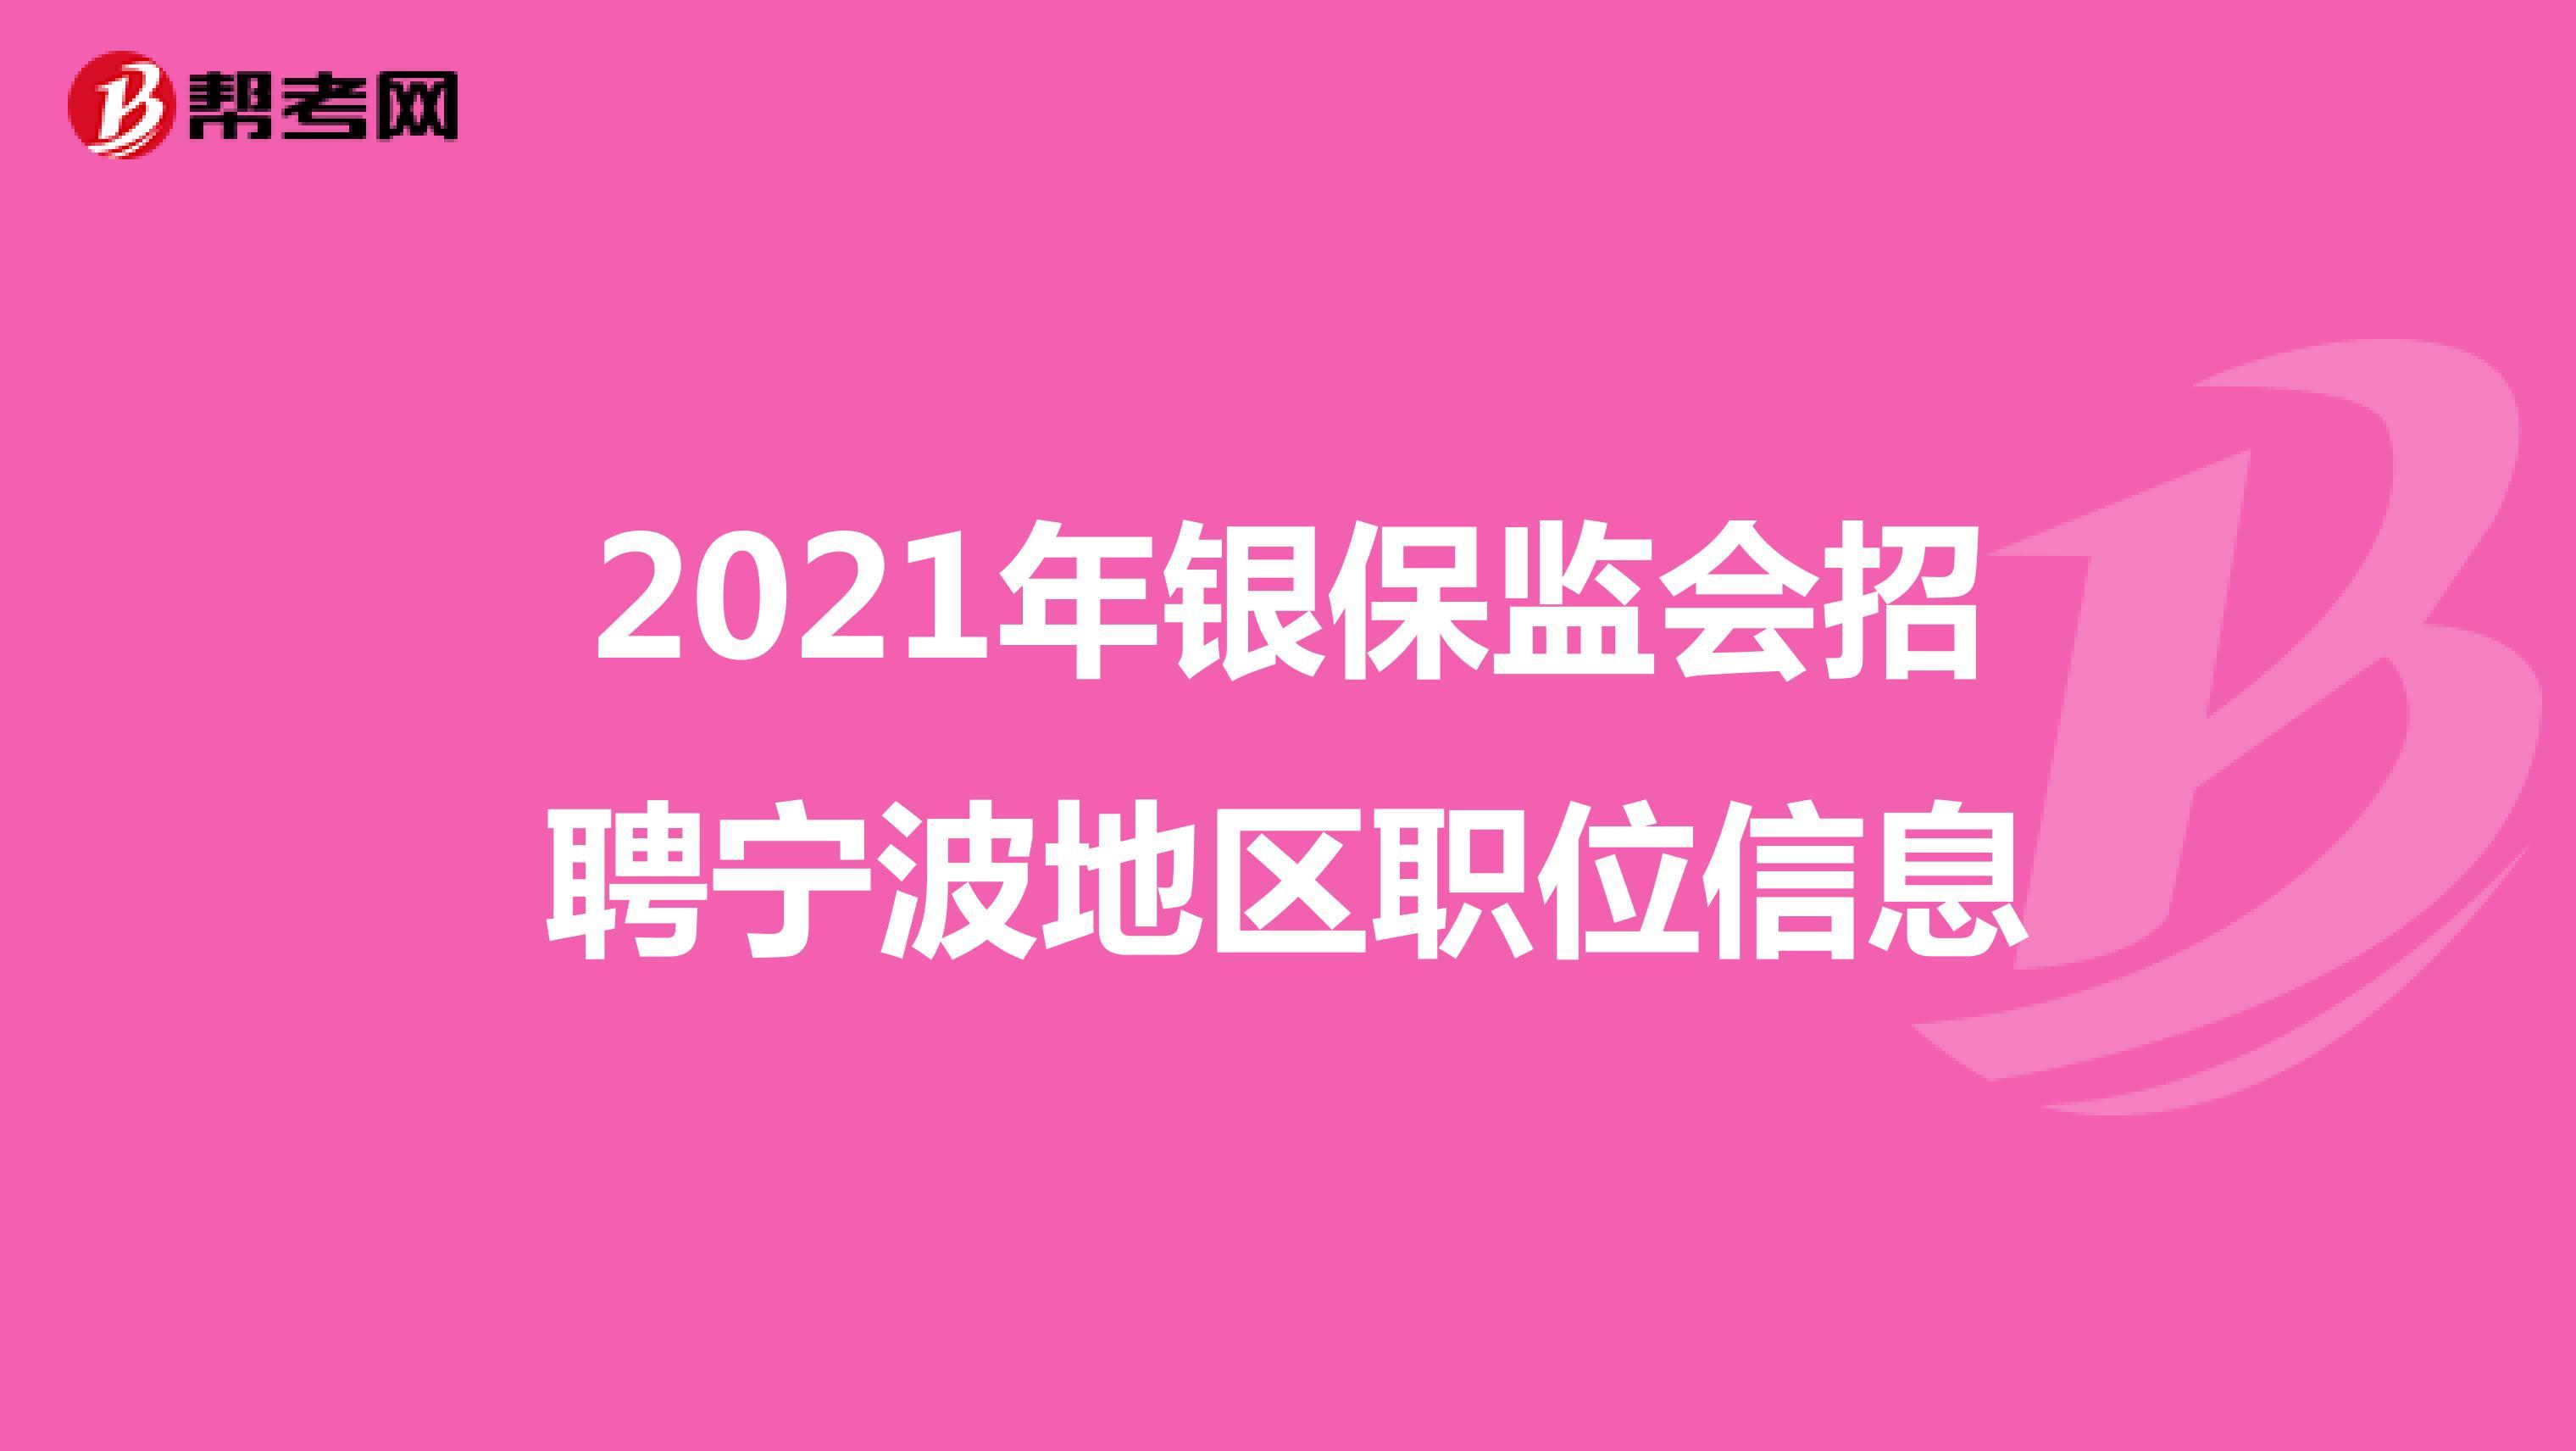 2021年银保监会招聘宁波地区职位信息